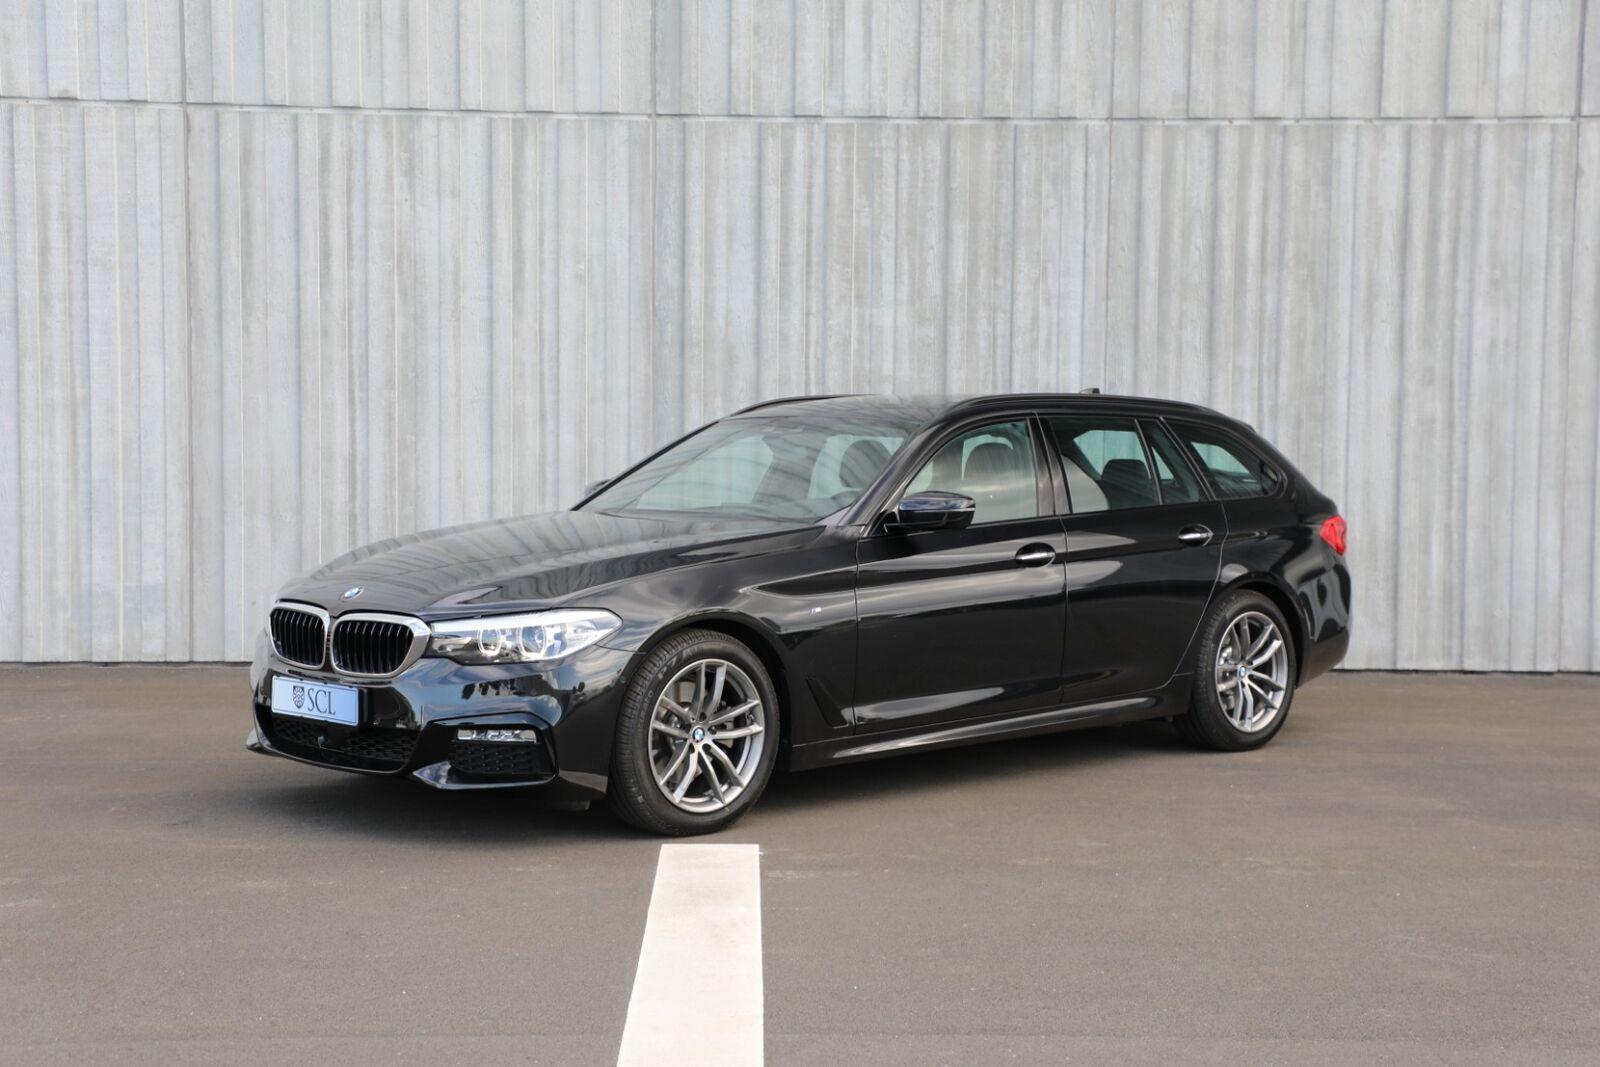 BMW 520d 2,0 Touring M-Sport aut. 5d - 3.744 kr.